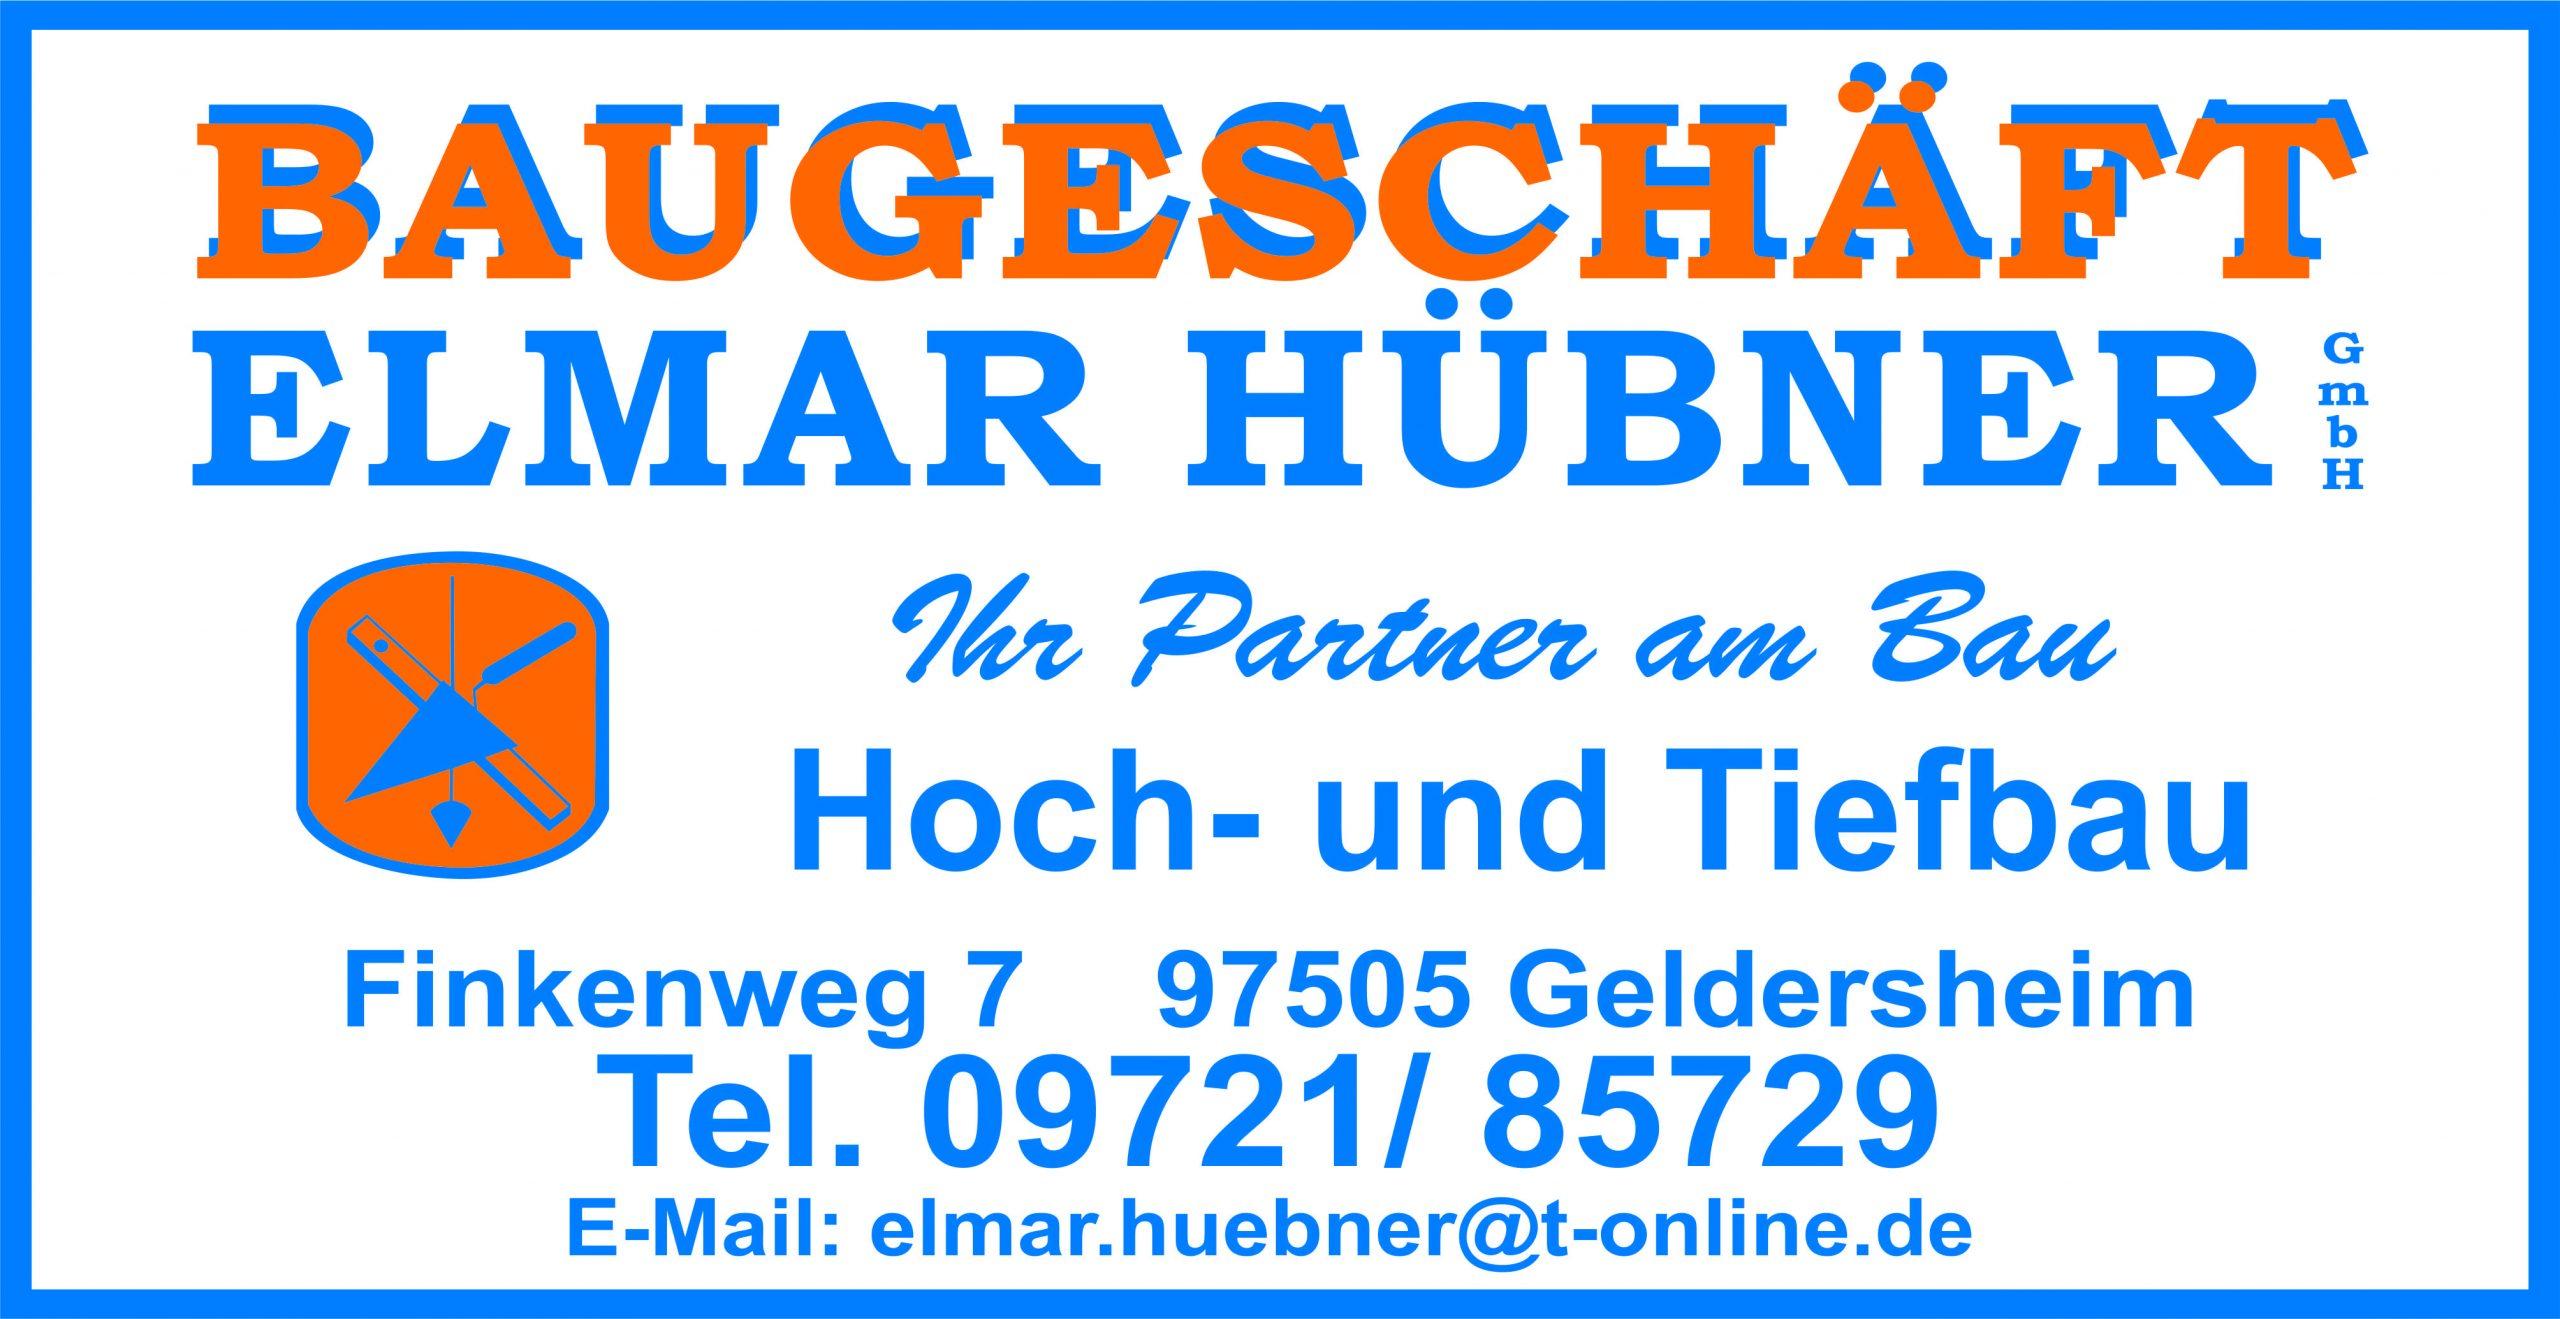 Baugeschäft Elmar Hübner GmbH